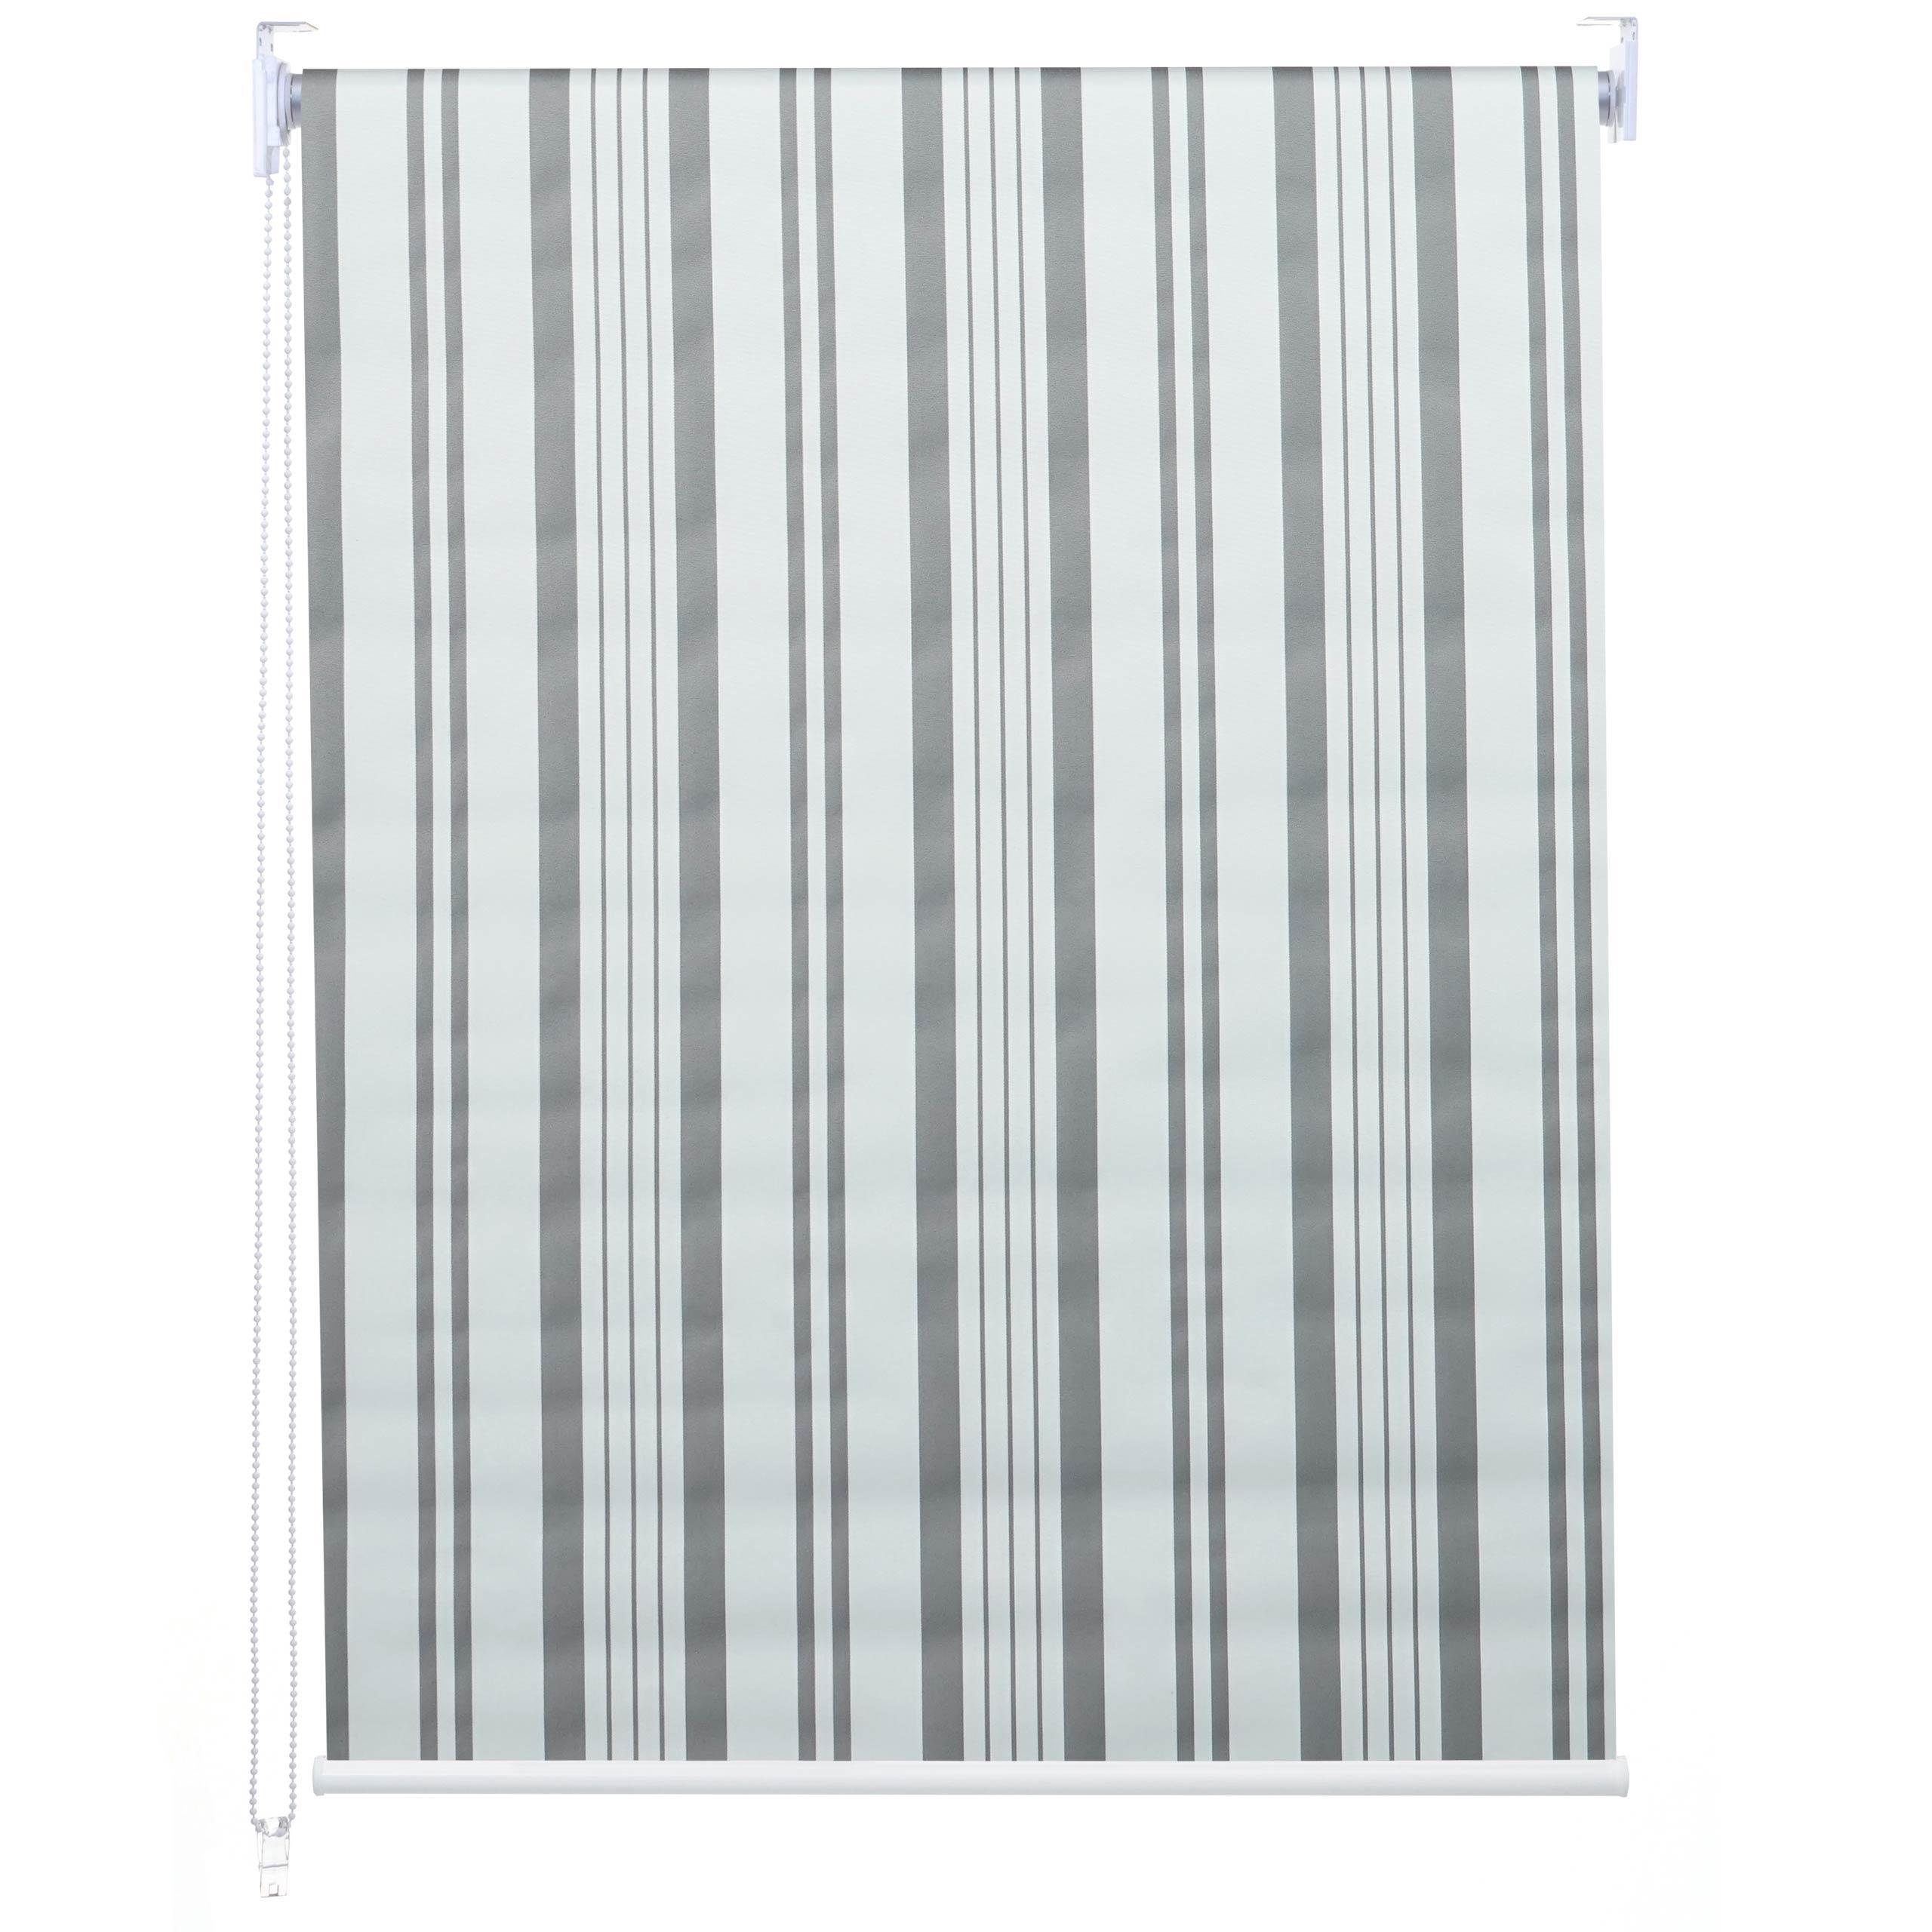 Rollo HWC D52 Fensterrollo Seitenzugrollo Jalousie Sonnenschutz Verdunkelung Blickdicht 40x160cm Grau Weiss